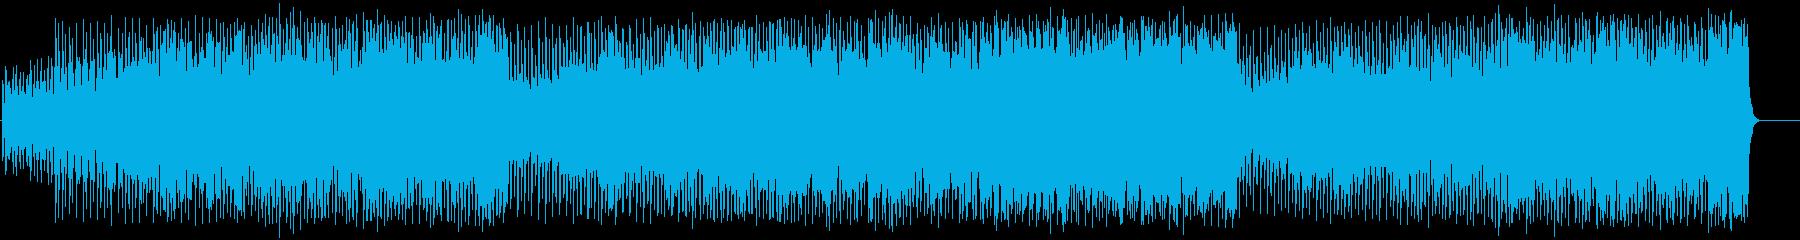 爆走する、迫りくるハードなイメージの再生済みの波形